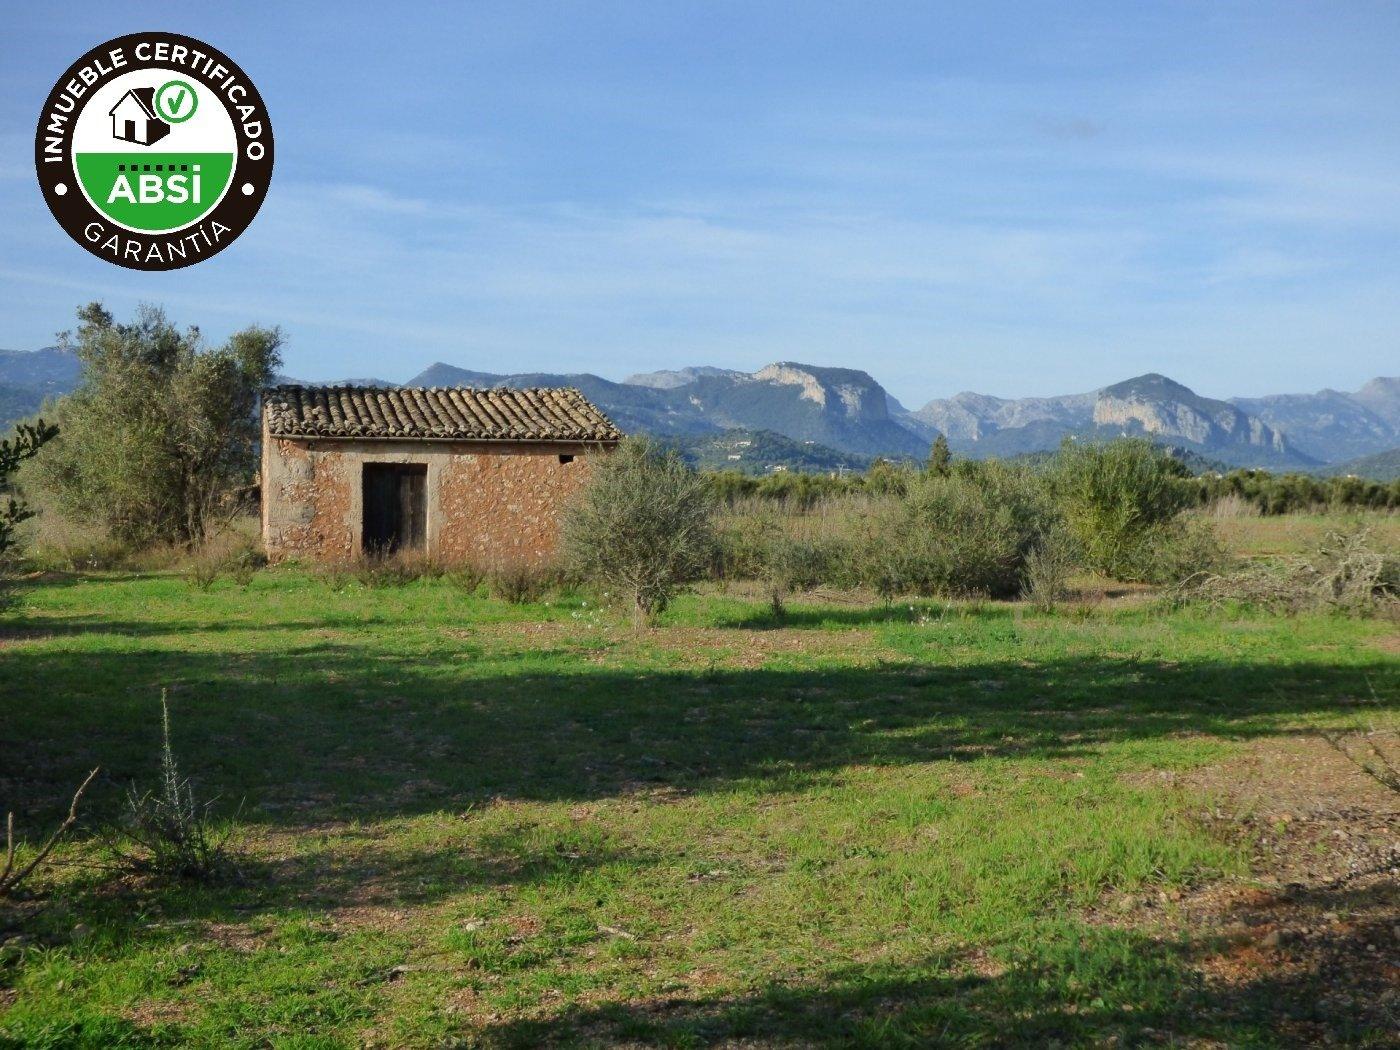 casa-con-terreno en santa-maria-del-cami · santa-maria-del-cami 75000€